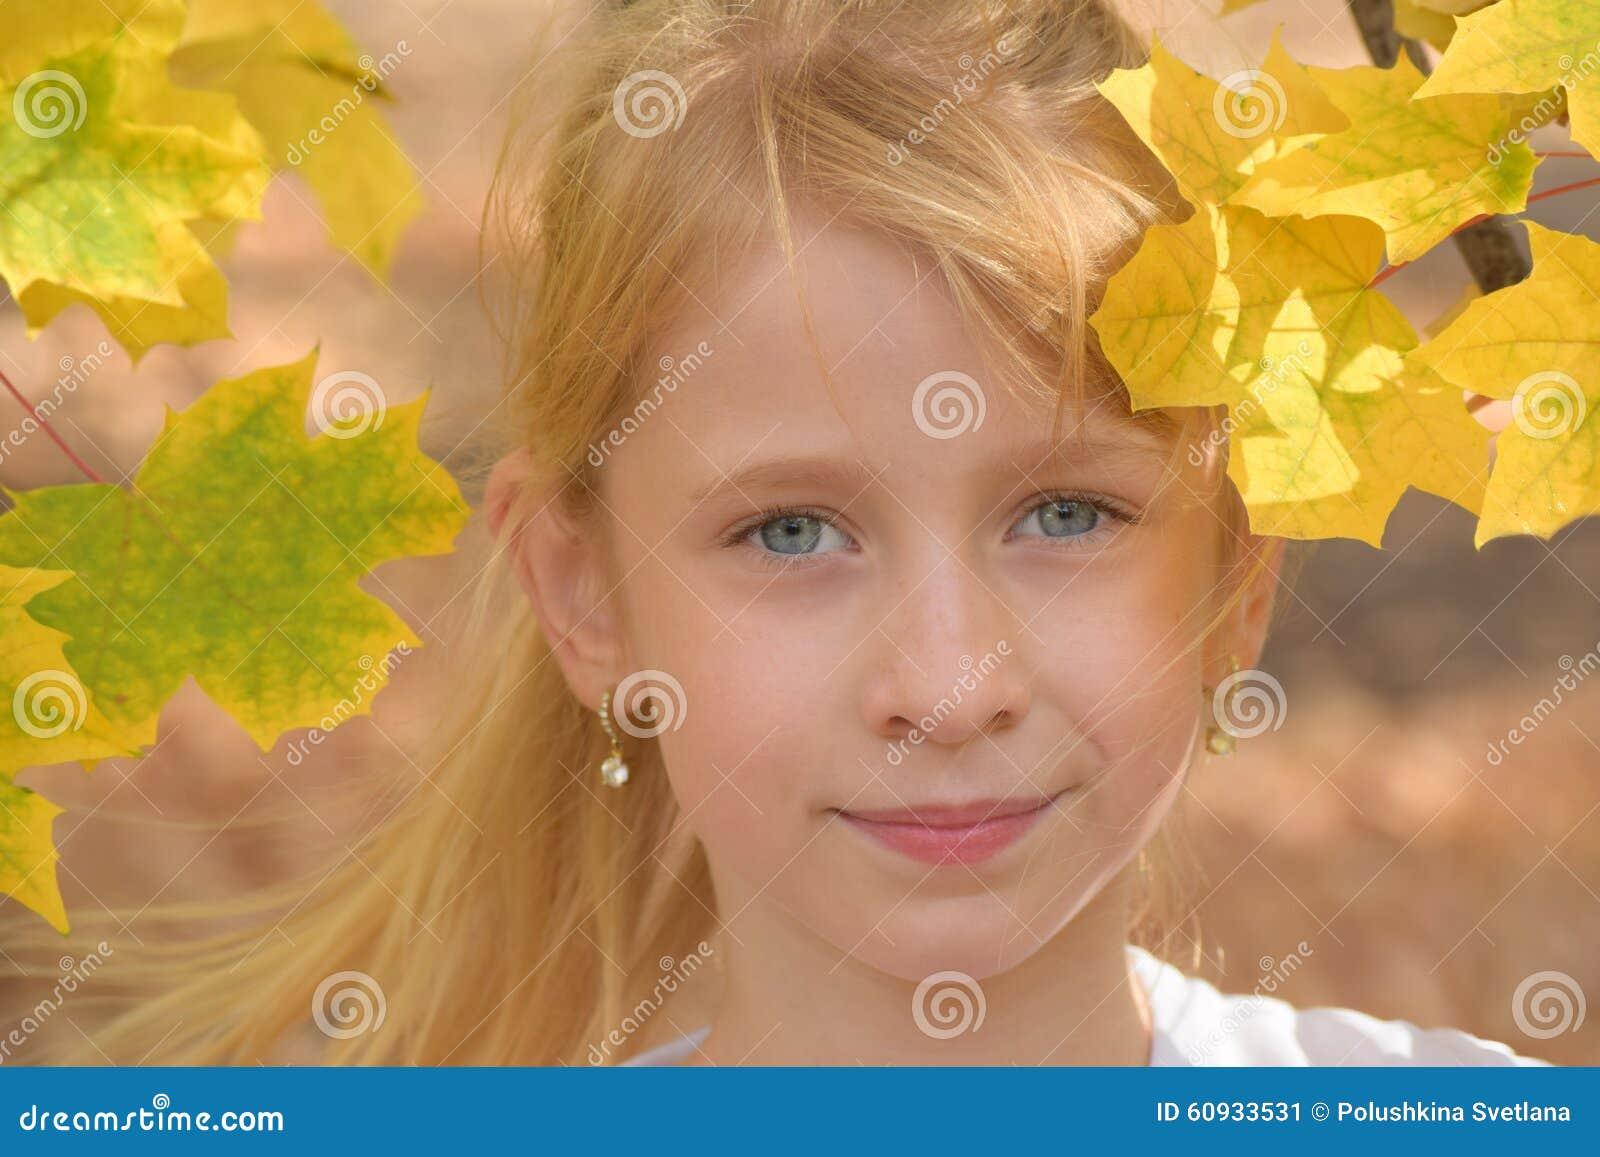 Le Portrait De L Enfant Dans Des Feuilles D Automne Stock Photos - 76 Images 0377a89ea60